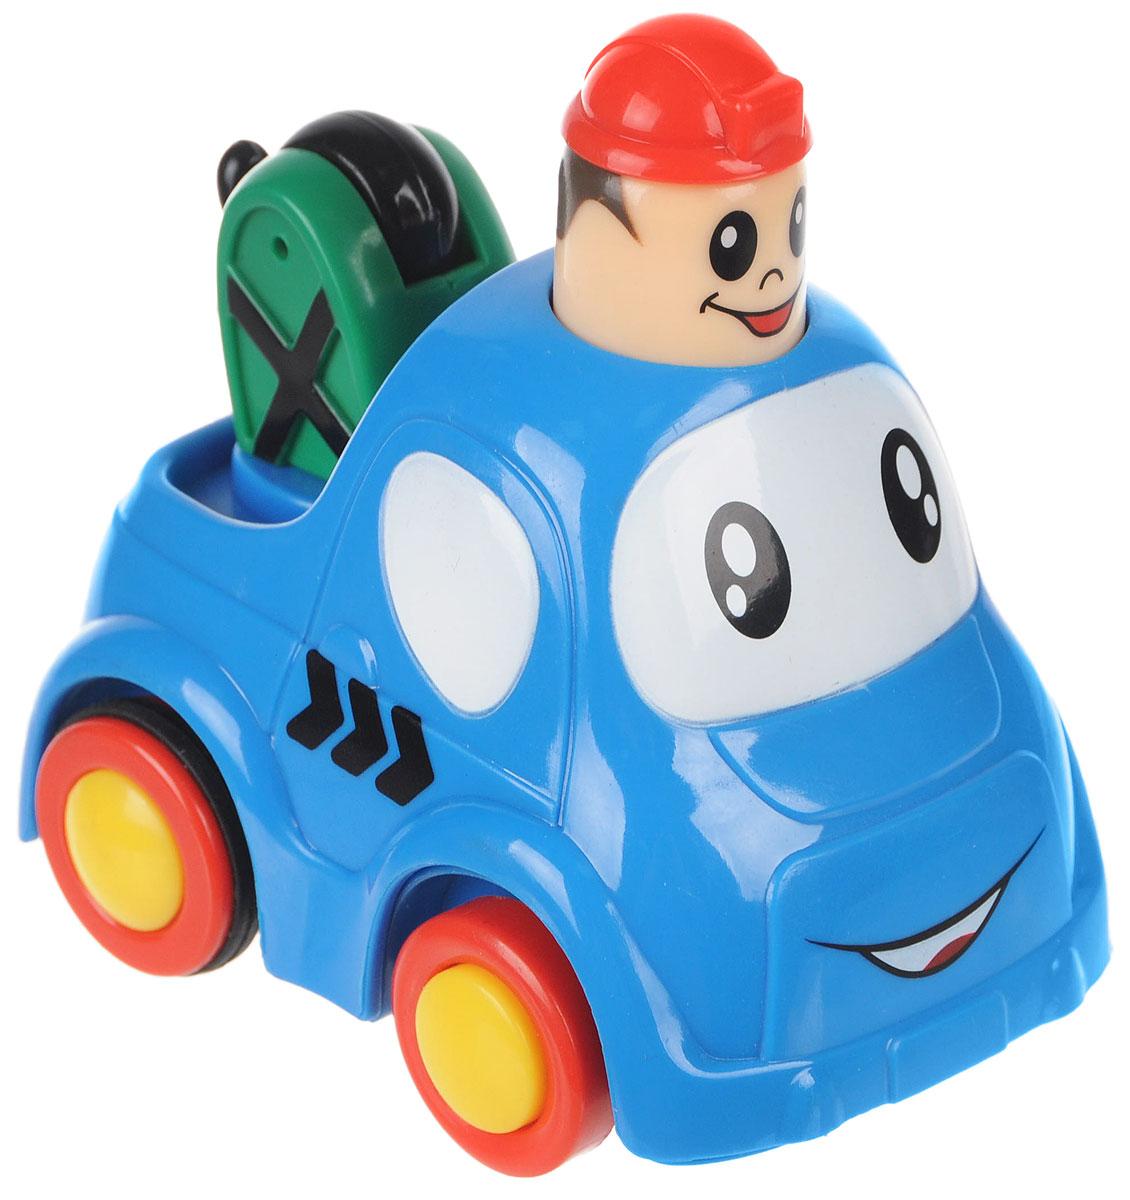 Simba Инерционная Мини-машинка с краном цвет синий4019516_синий,кранМини-машинка с краном Simba привлечет внимание вашего ребенка и надолго останется его любимой игрушкой. Плавные формы без острых углов, яркие цвета - все это выгодно выделяет эту игрушку из ряда подобных. Кузов дополнен подвижным краном. Игрушка оснащена инерционным ходом. Необходимо нажать на голову водителя и отпустить - и машинка быстро поедет вперед. Машинка развивает концентрацию внимания, координацию движений, мелкую моторику рук, цветовое восприятие и воображение. Малыш будет часами играть с этой машинкой, придумывая разные истории.